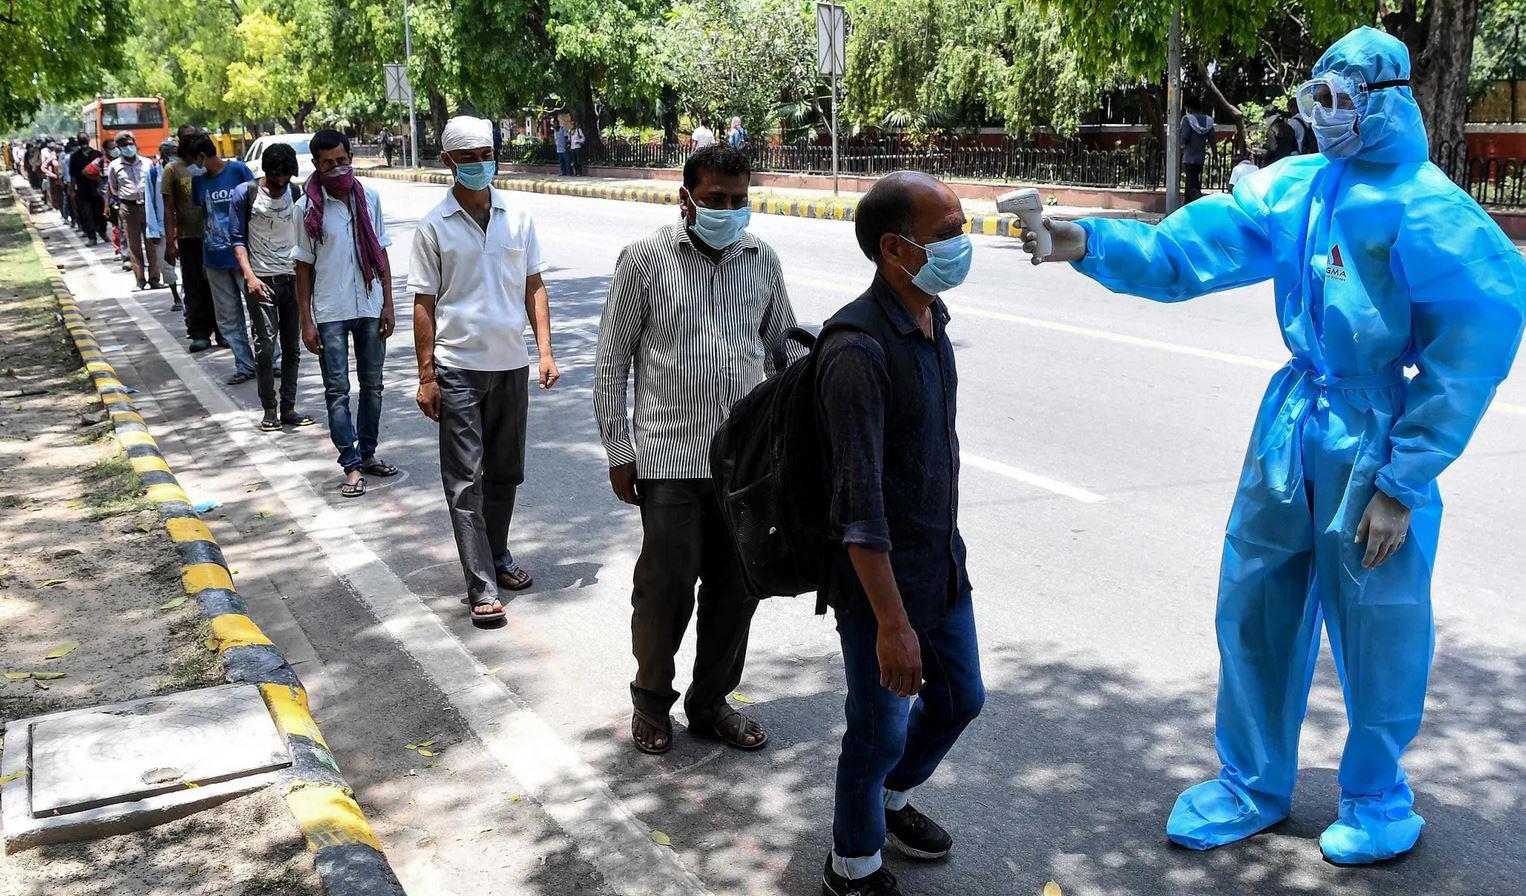 An einer Bushaltestelle in Indien wird die Körpertemperatur von Reisenden überprüft.